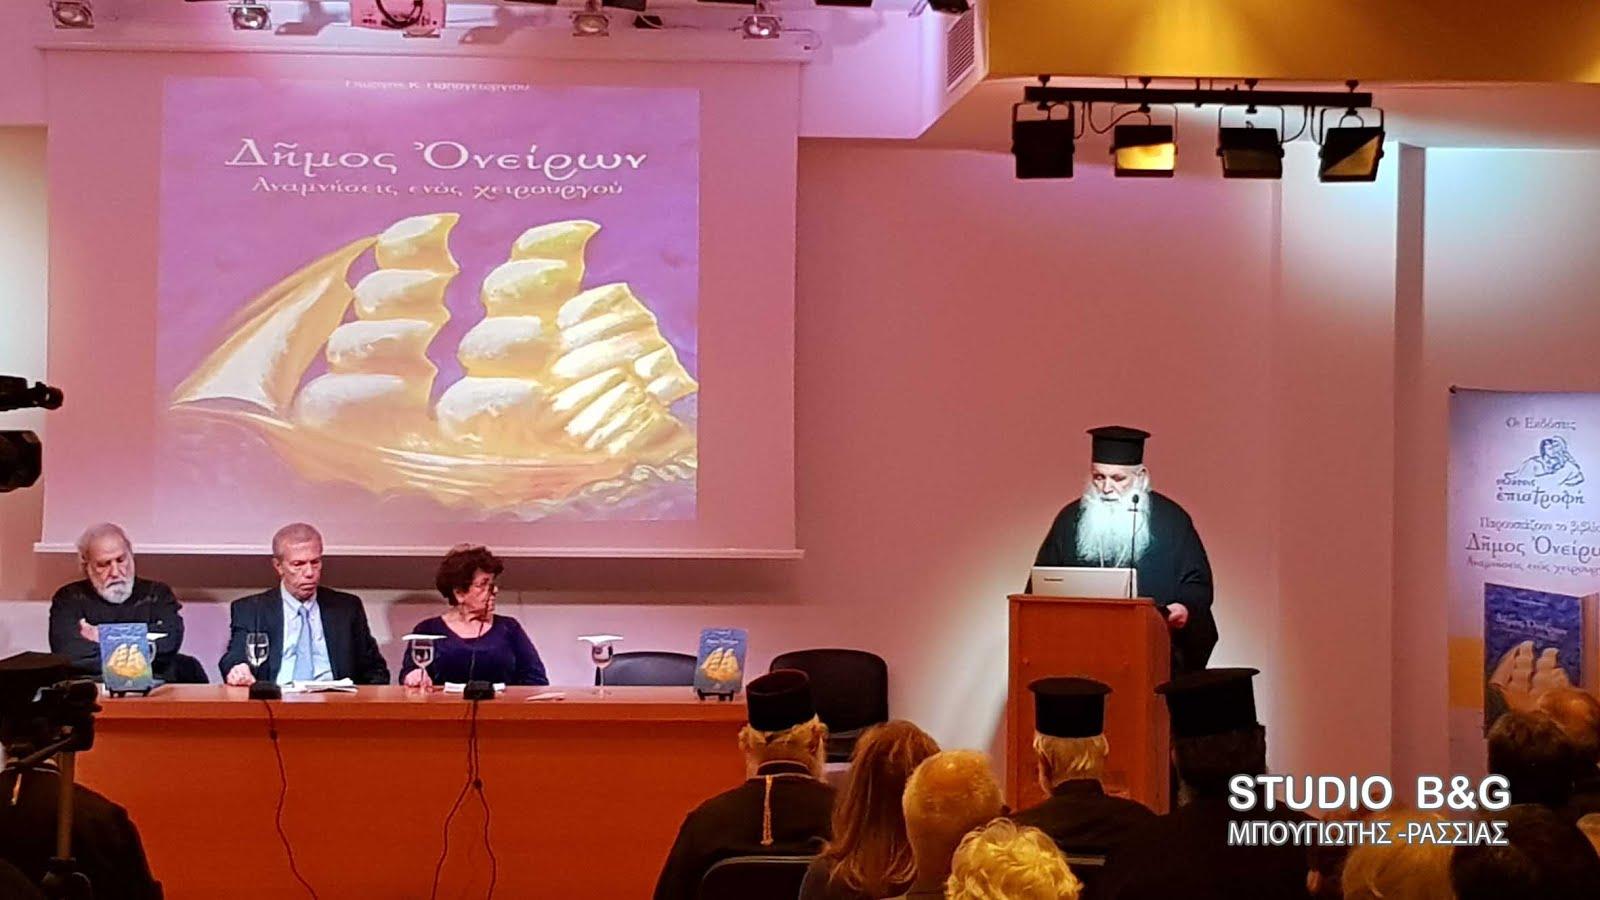 Παρουσίαση βιβλίου «Δήμος Ονείρων» των εκδόσεων «Επιστροφή».